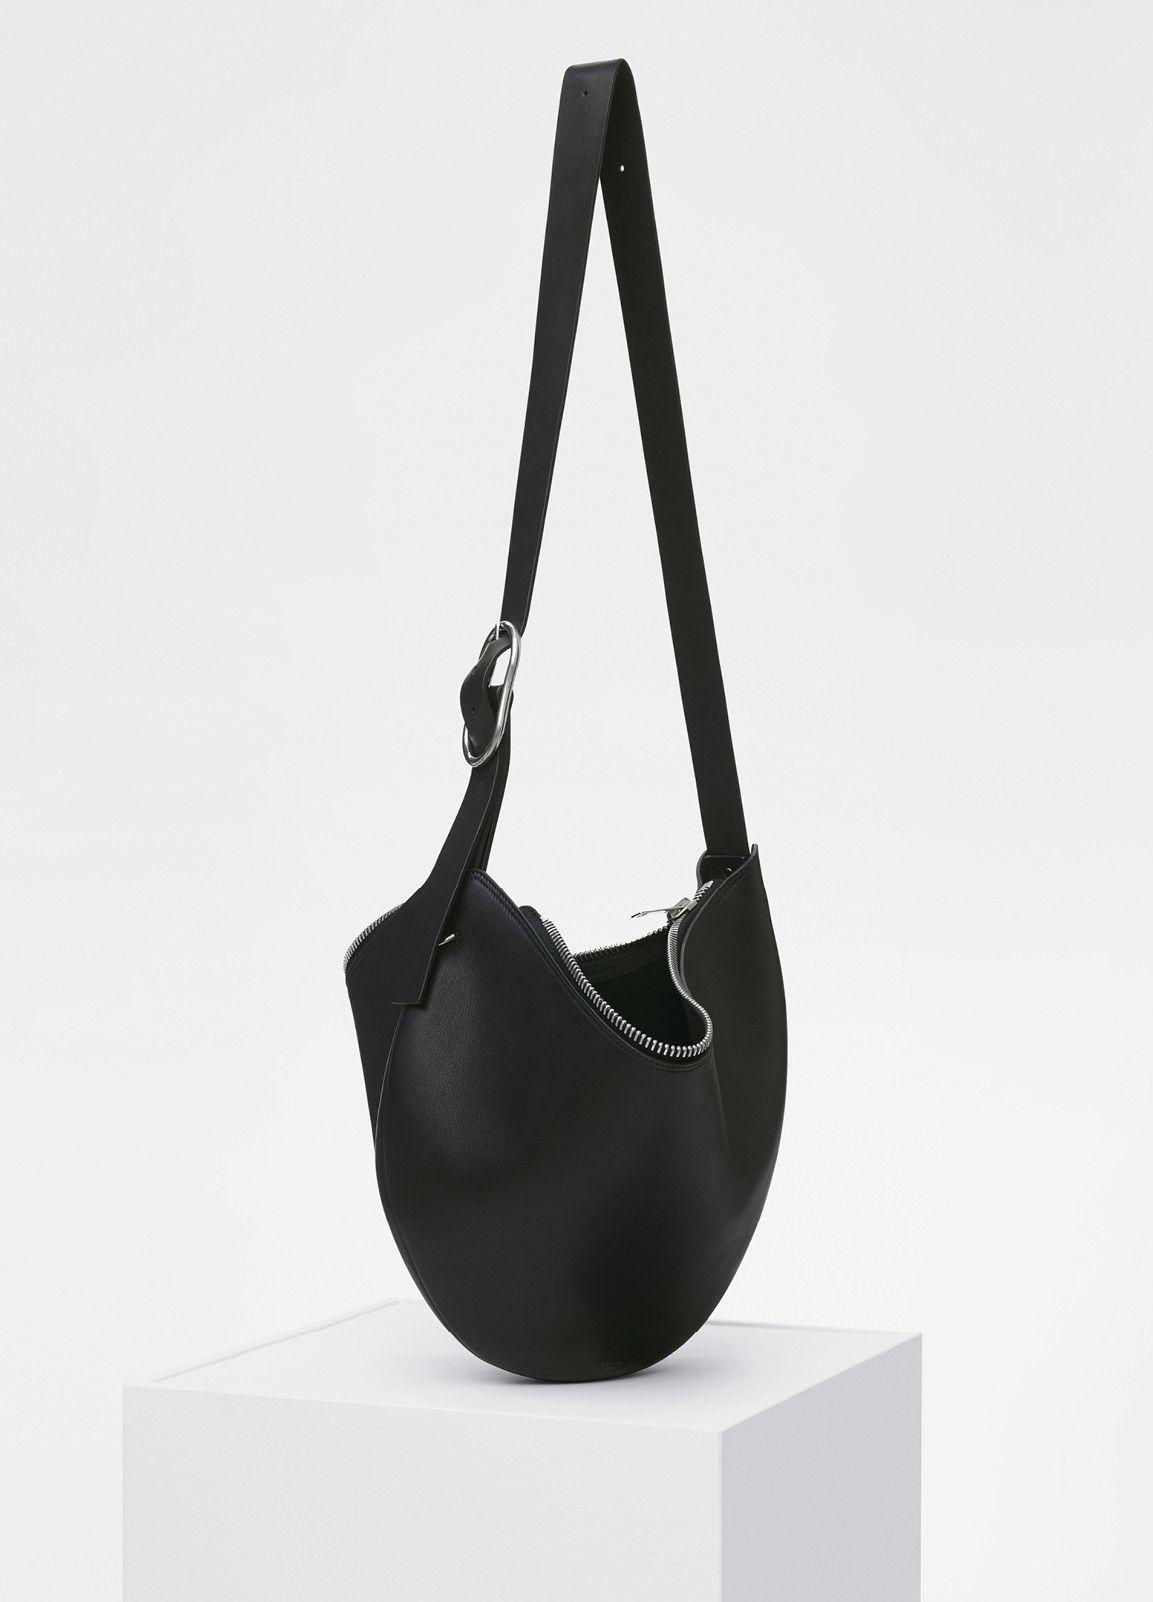 49c096441 Celine Handbags, Bvlgari Handbags, Wardrobe Staples, Winter 2017, Celine Bag  2017,